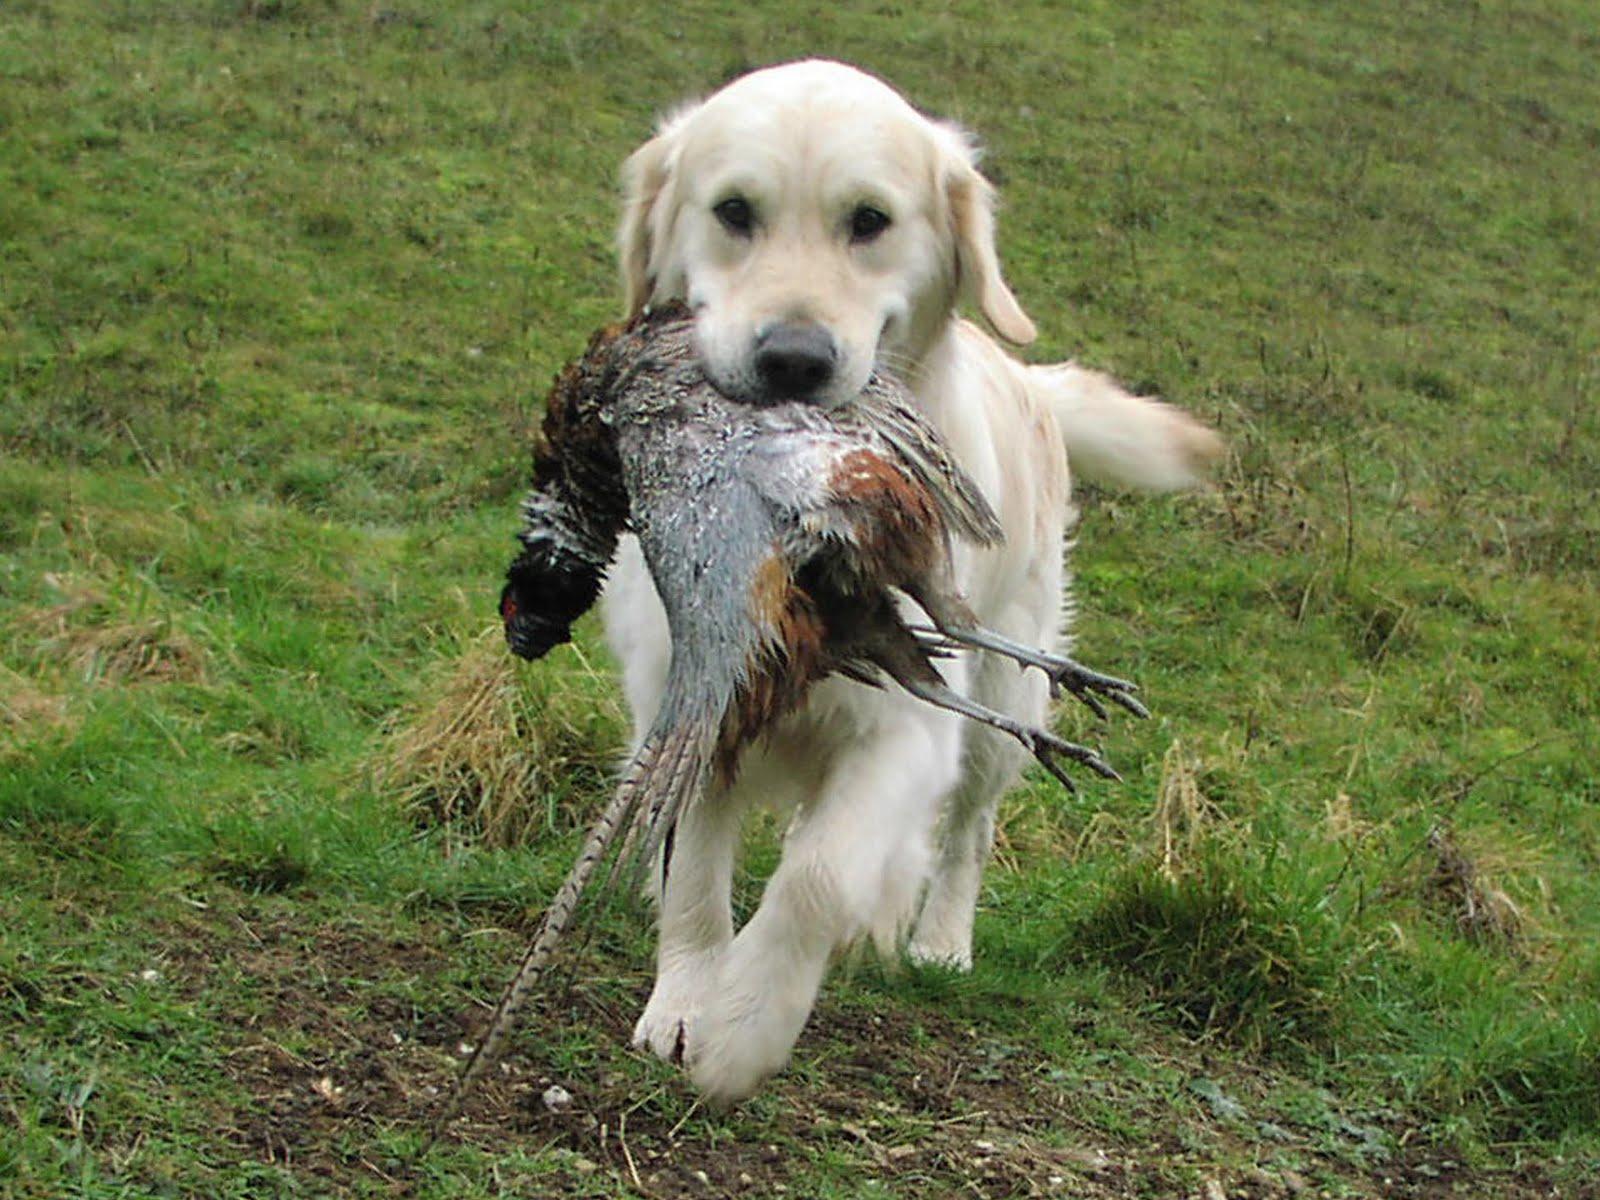 http://1.bp.blogspot.com/-Kq8xMZmTUM0/Th8DQtZcNiI/AAAAAAAAADk/AvVlz3xJyC8/s1600/Labrador+Dogs+Wallpapers+5.jpg